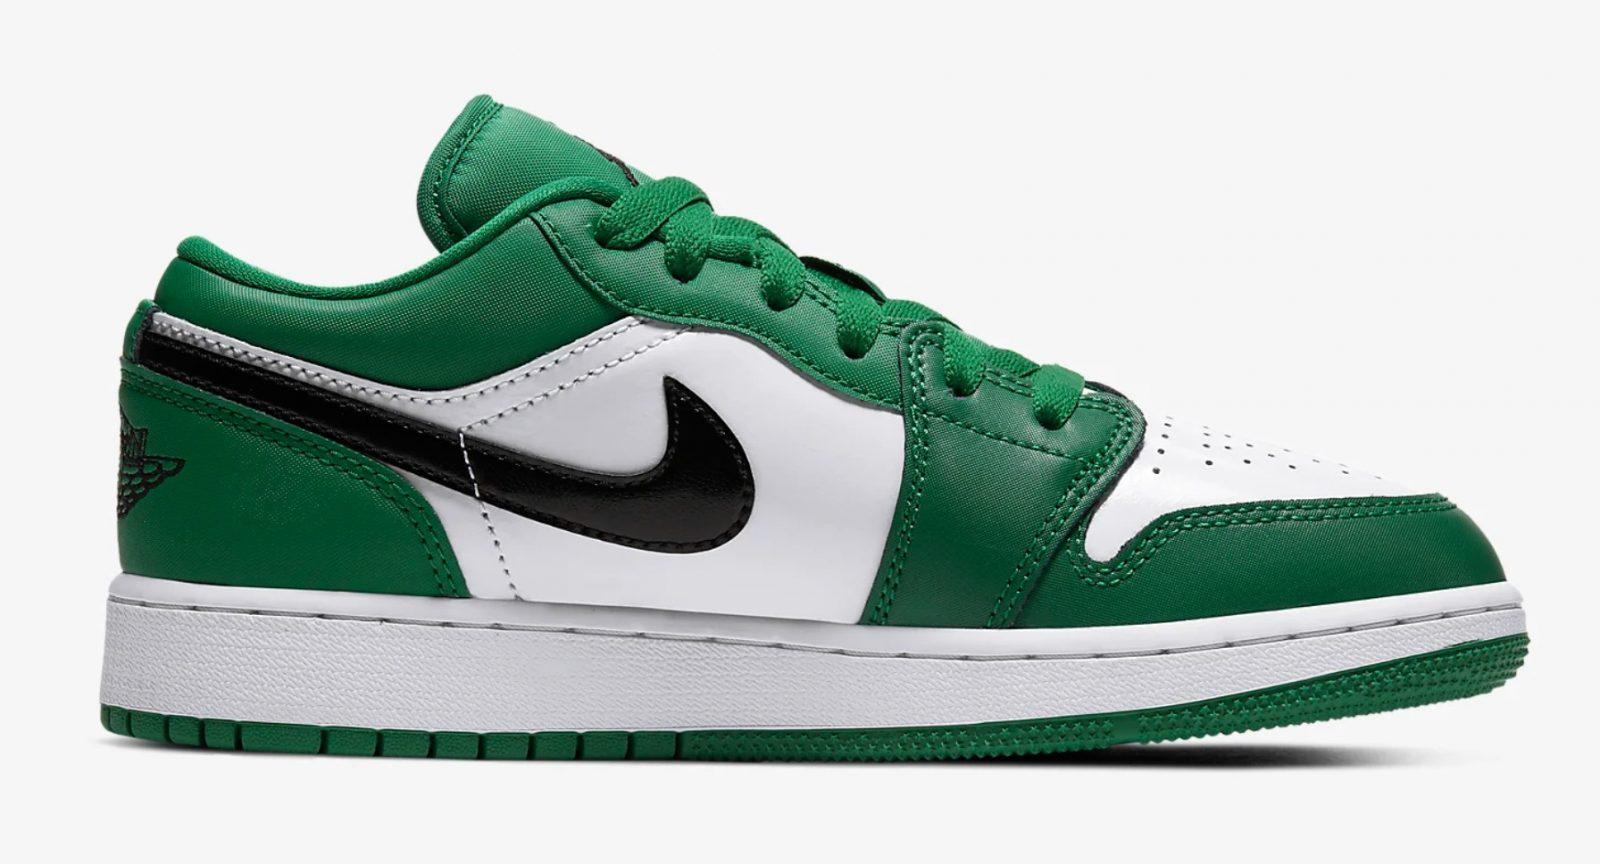 Air Jordan 1 Low Pine Green 553560-301 right